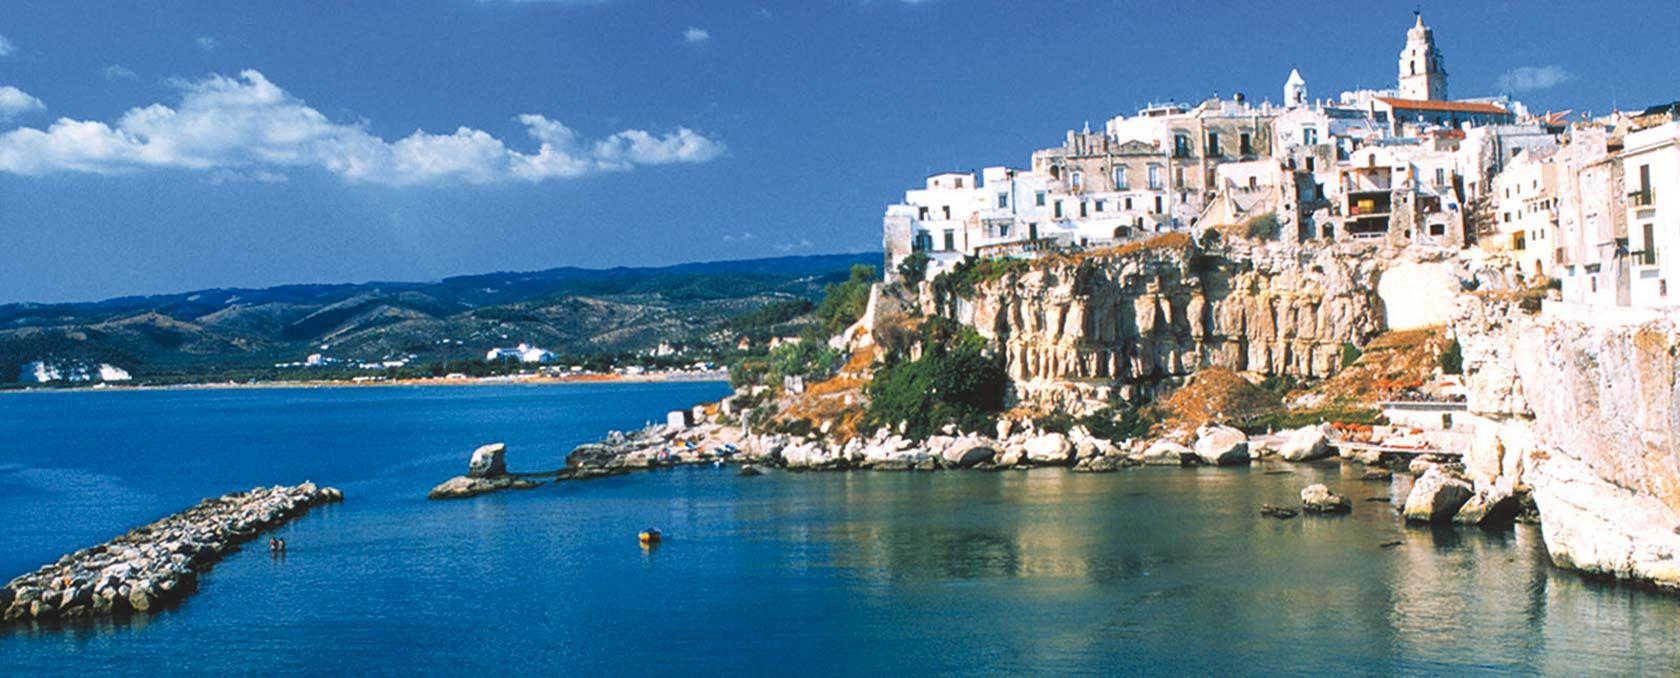 Foggia Rodi Garganico Puglia Pinterest Tourism